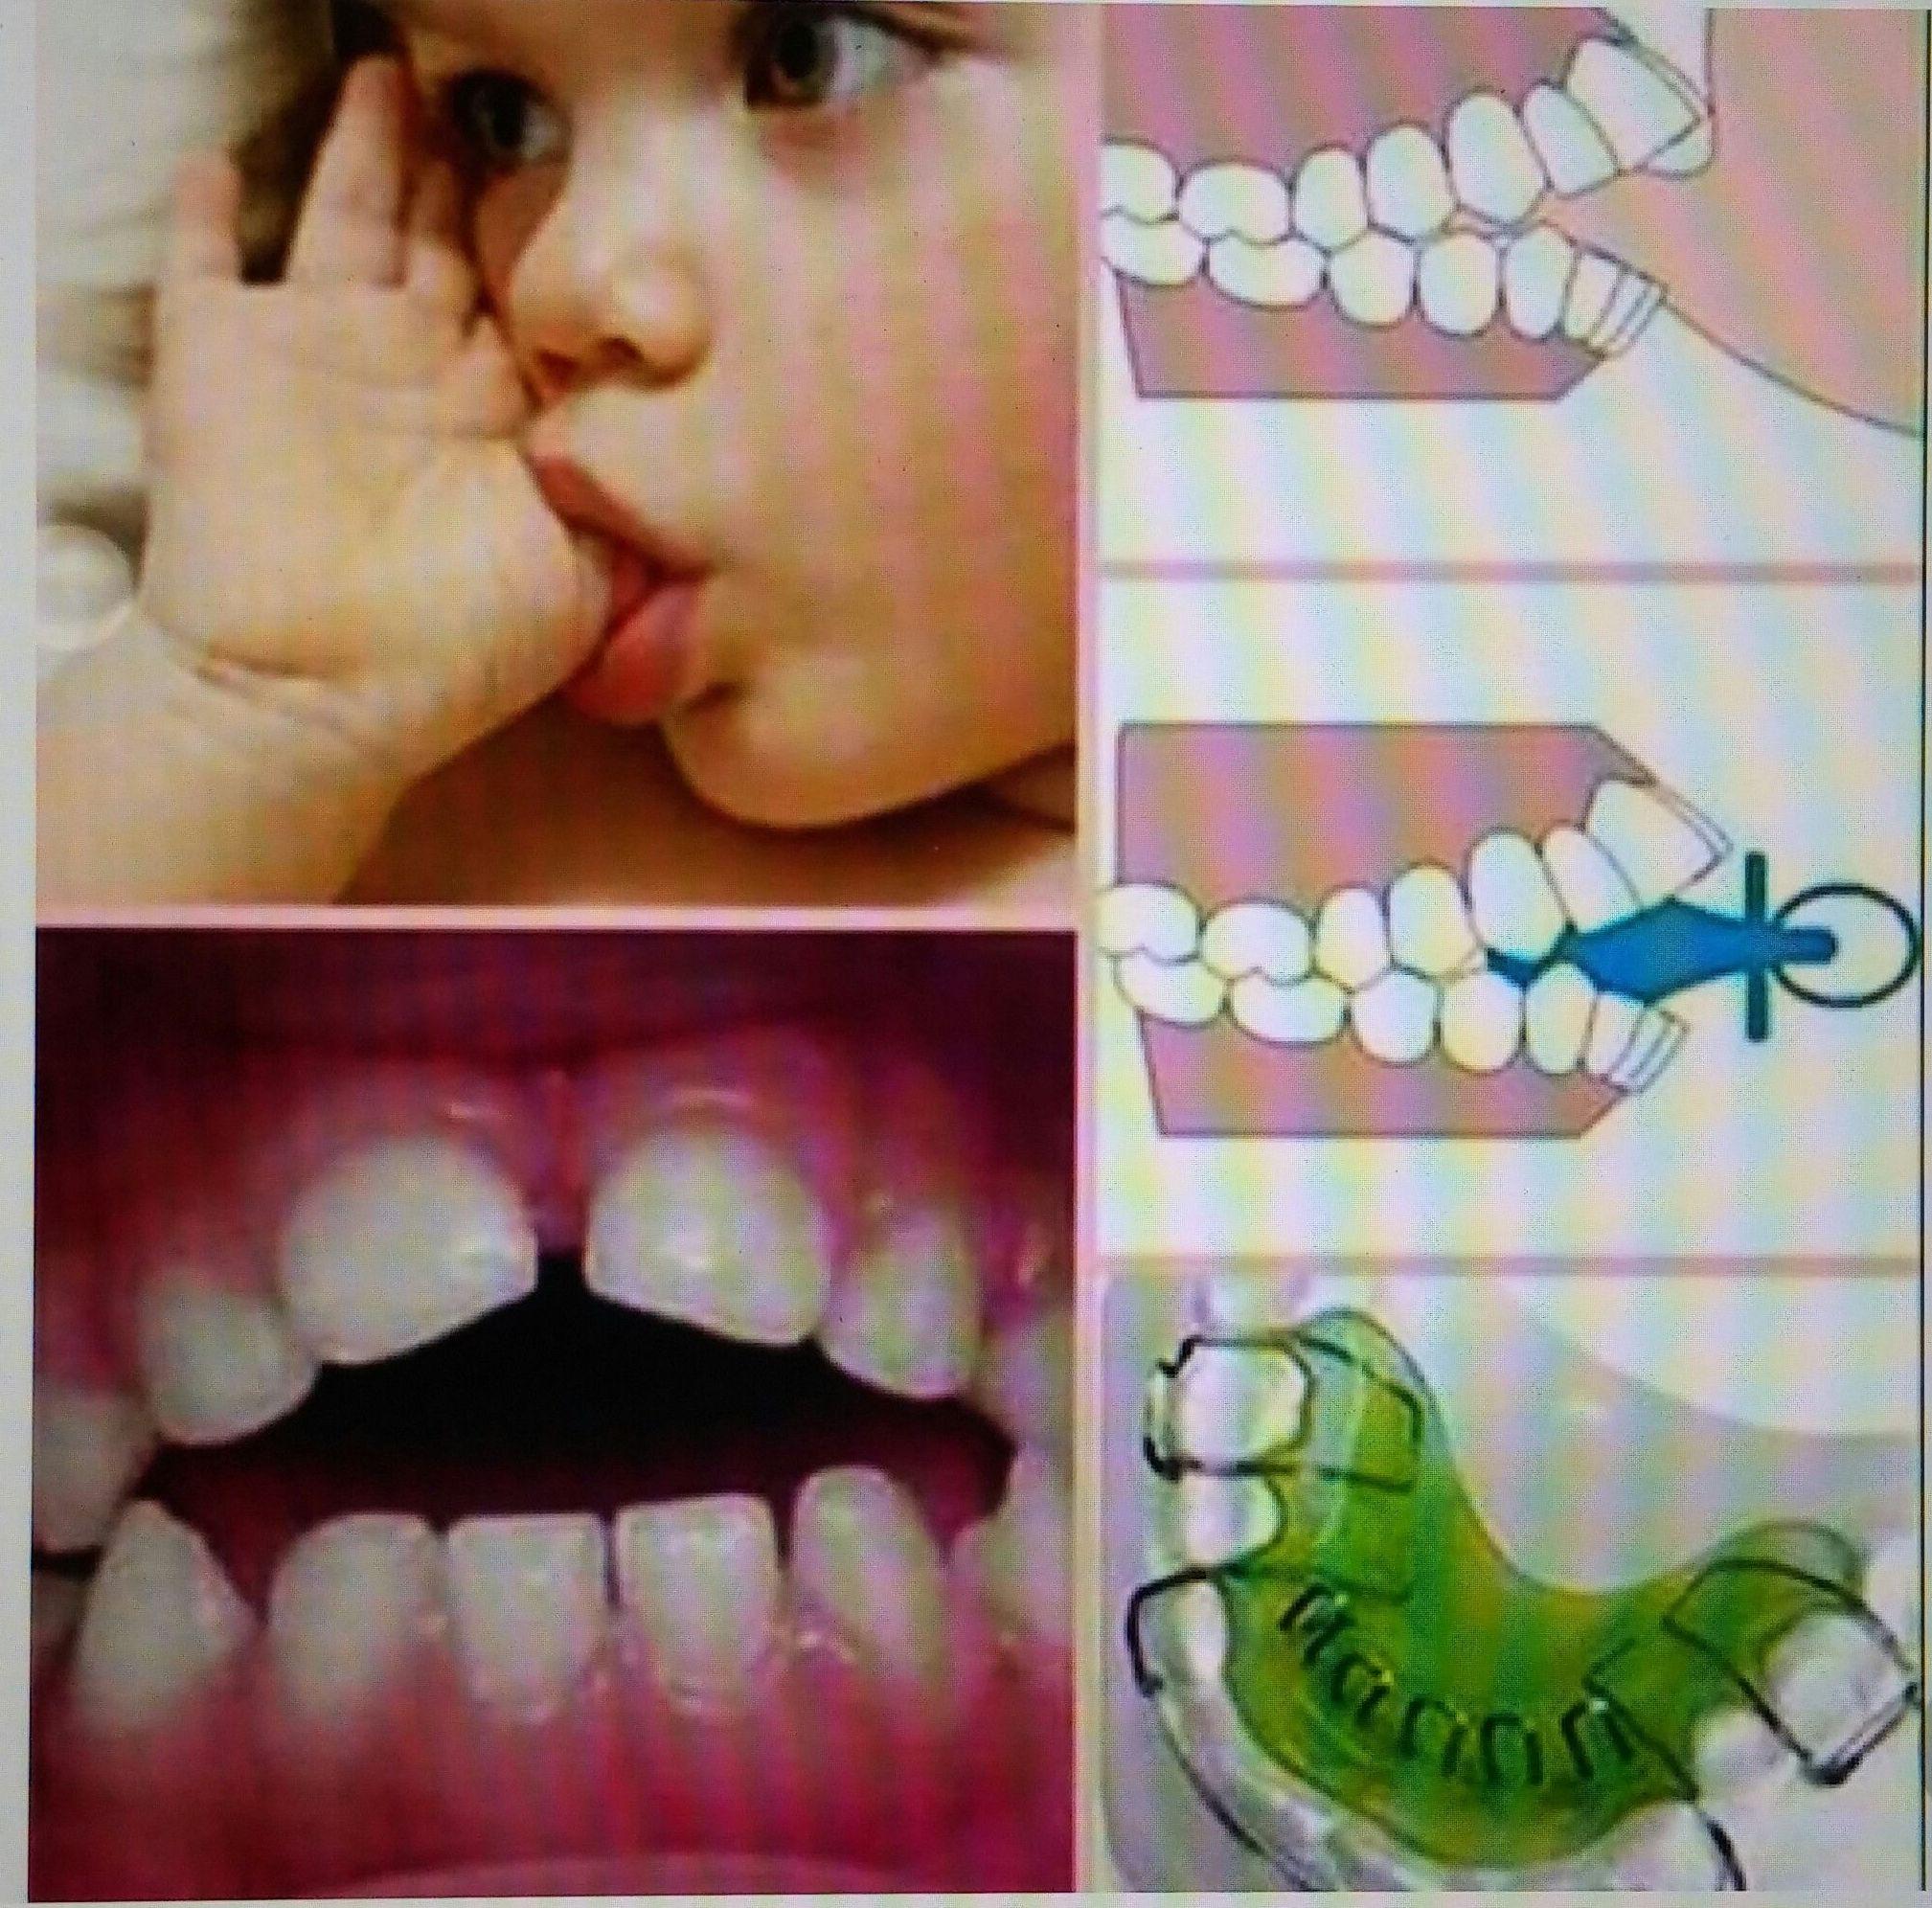 Hábitos de los más pequeños ...muy atentos para corregirlos para que la erupción dental no sea alterada